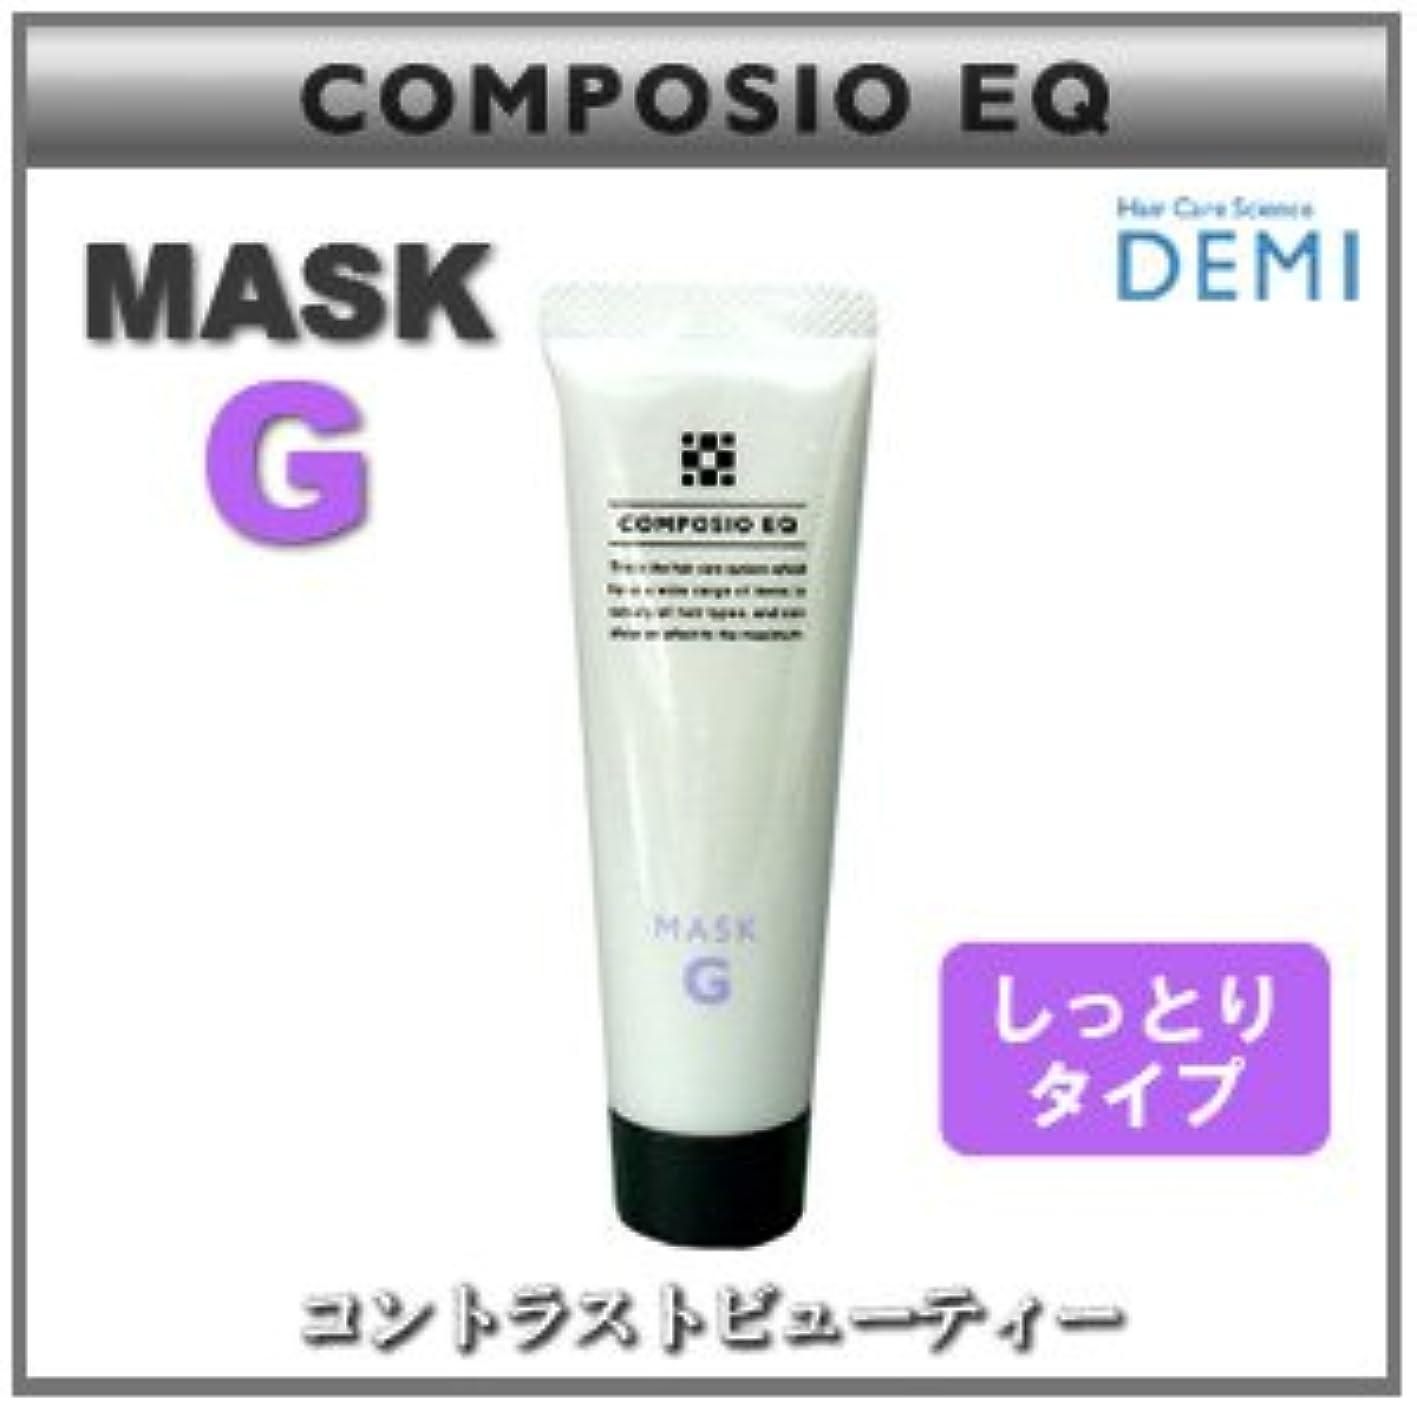 リボン混乱させる専ら【X5個セット】 デミ コンポジオ EQ マスク G 50g